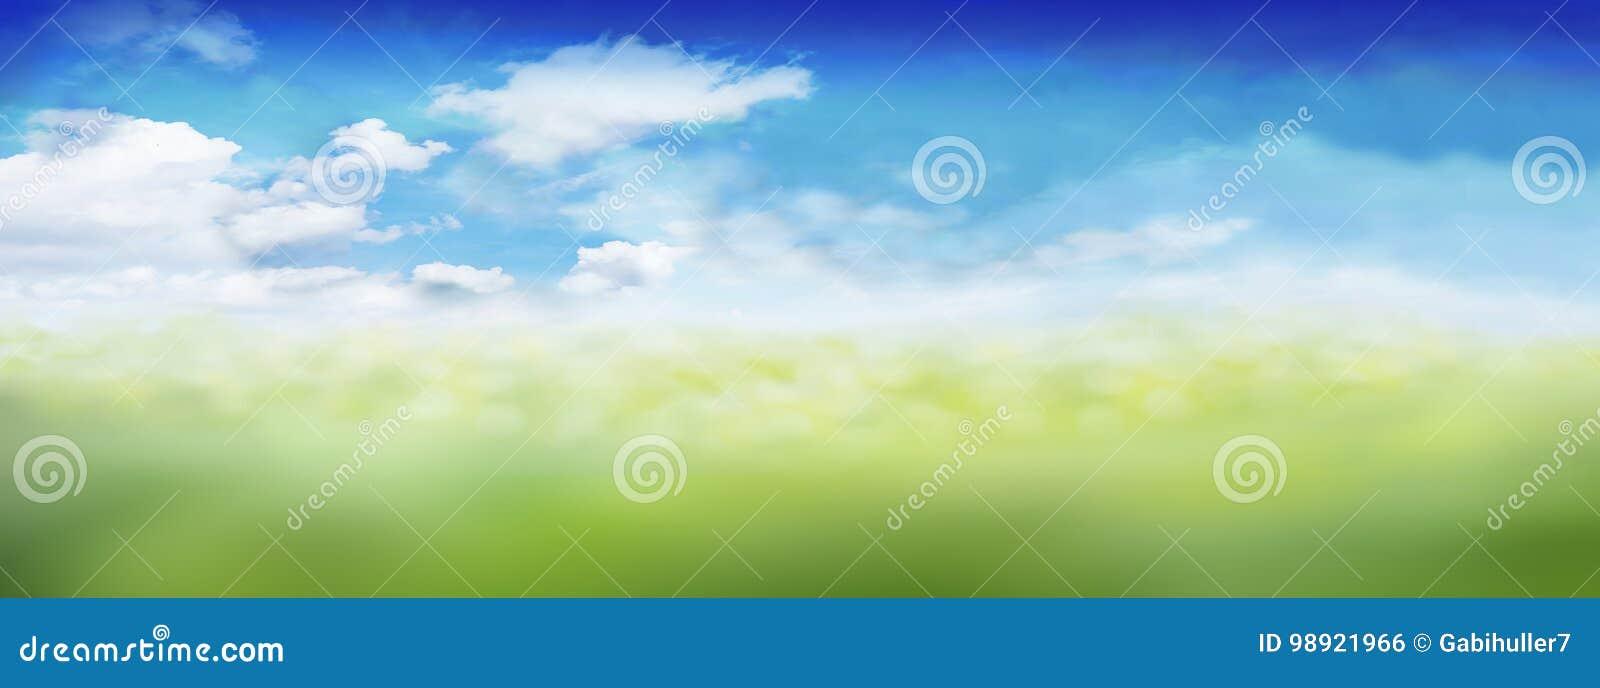 Gestalten Sie Himmelswolkengras/Wiese - den Effekt Frühling Sommers Ostern - Bokeh landschaftlich, verwischt - Panoramahintergrun